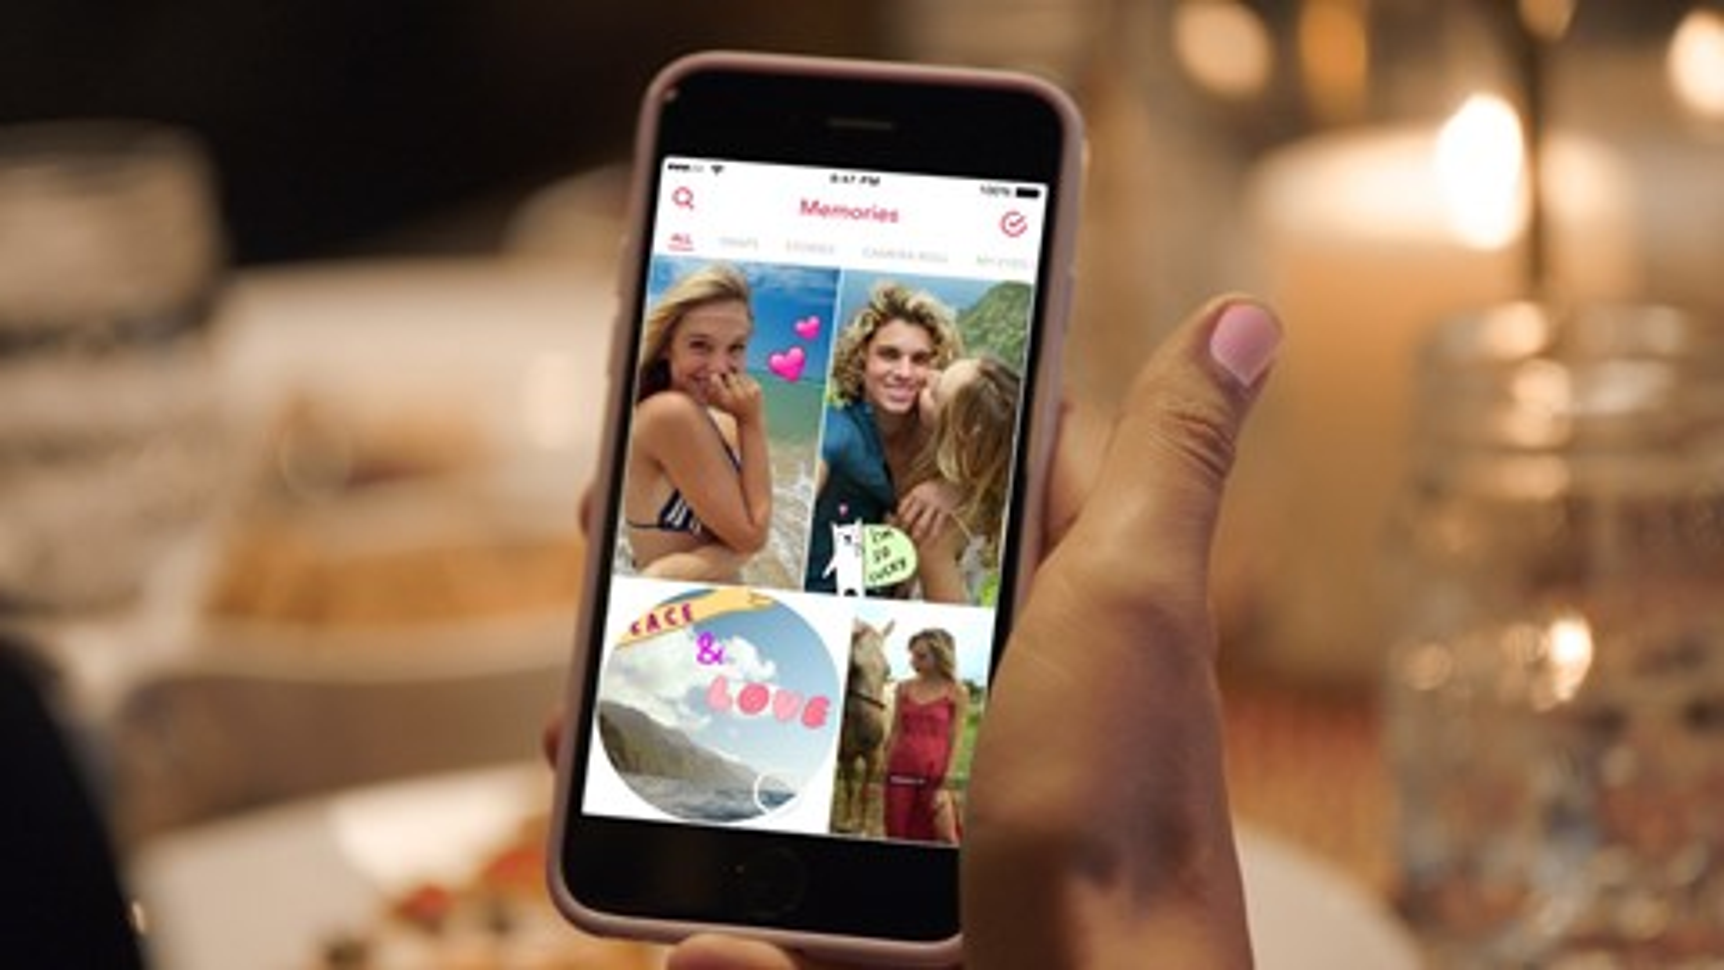 Imagem de Snapchat Memories: agora dá para salvar seus snaps favoritos dentro do app no tecmundo